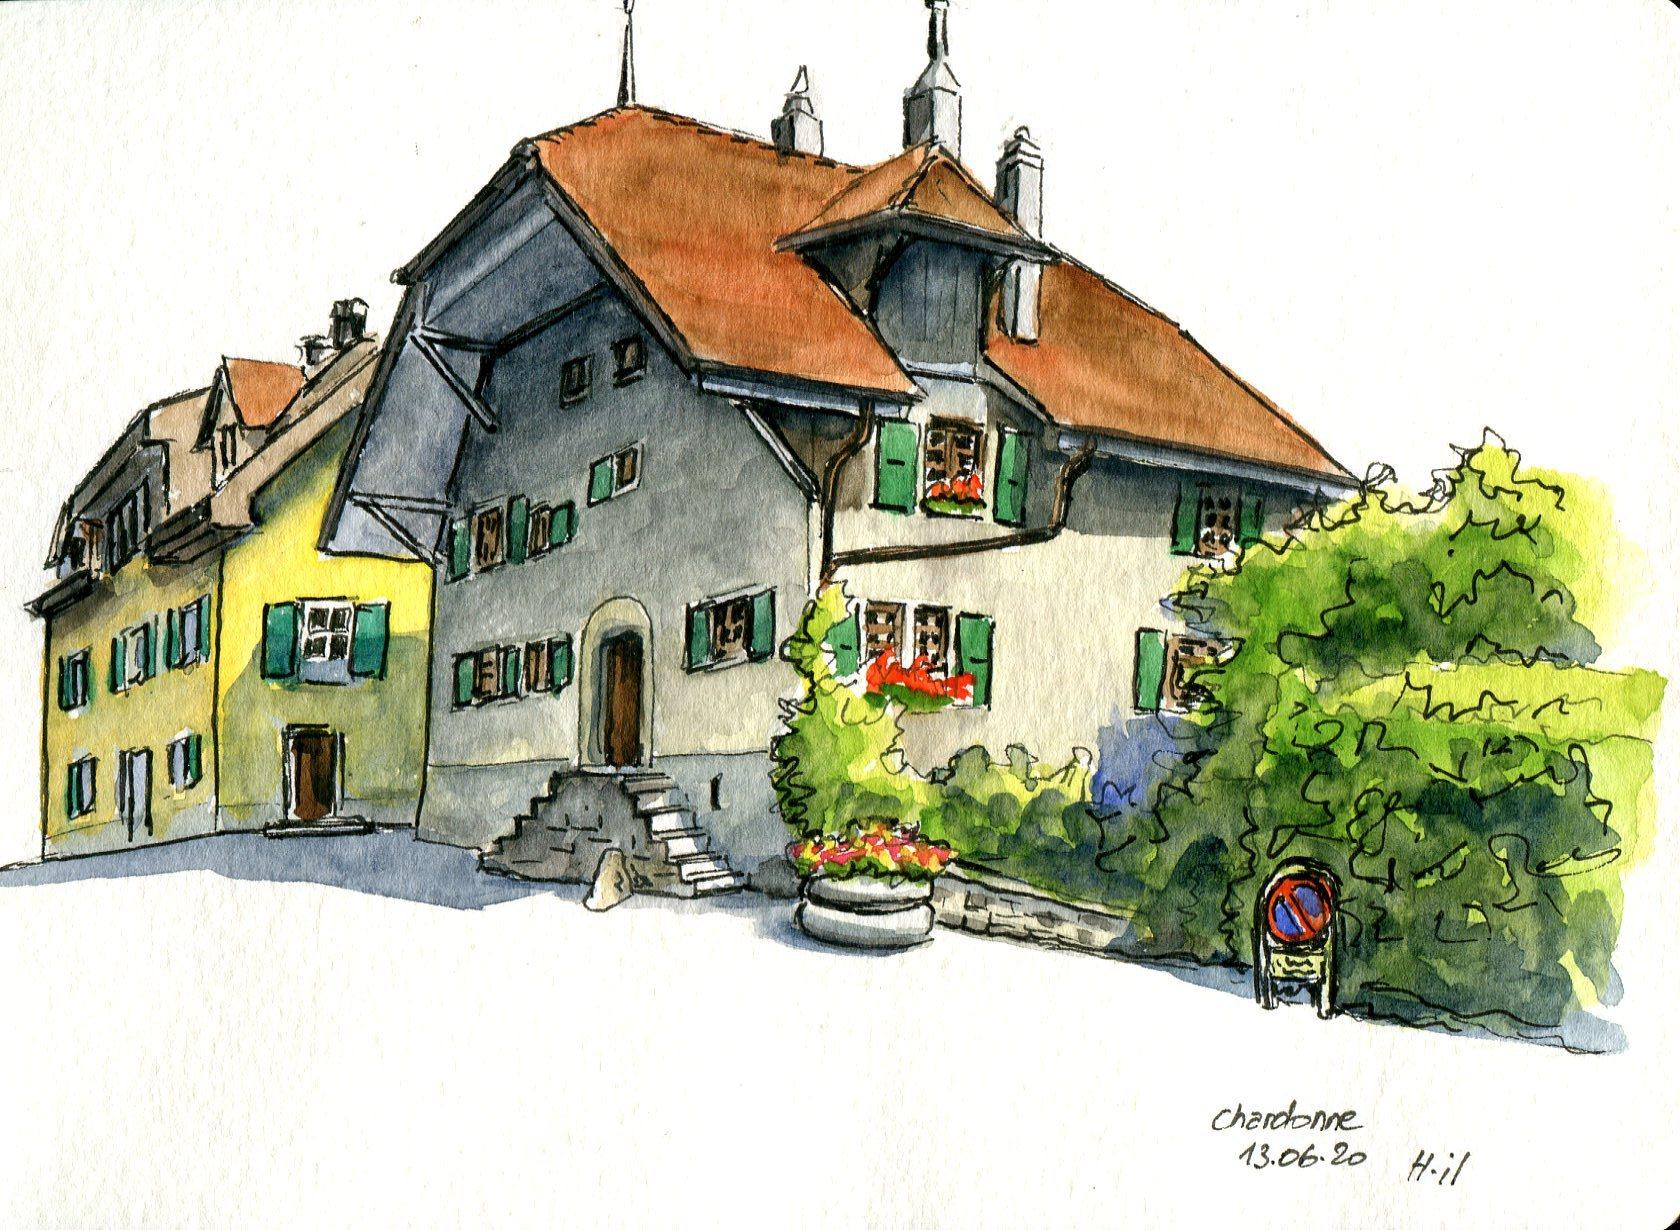 Maison Chardonne023